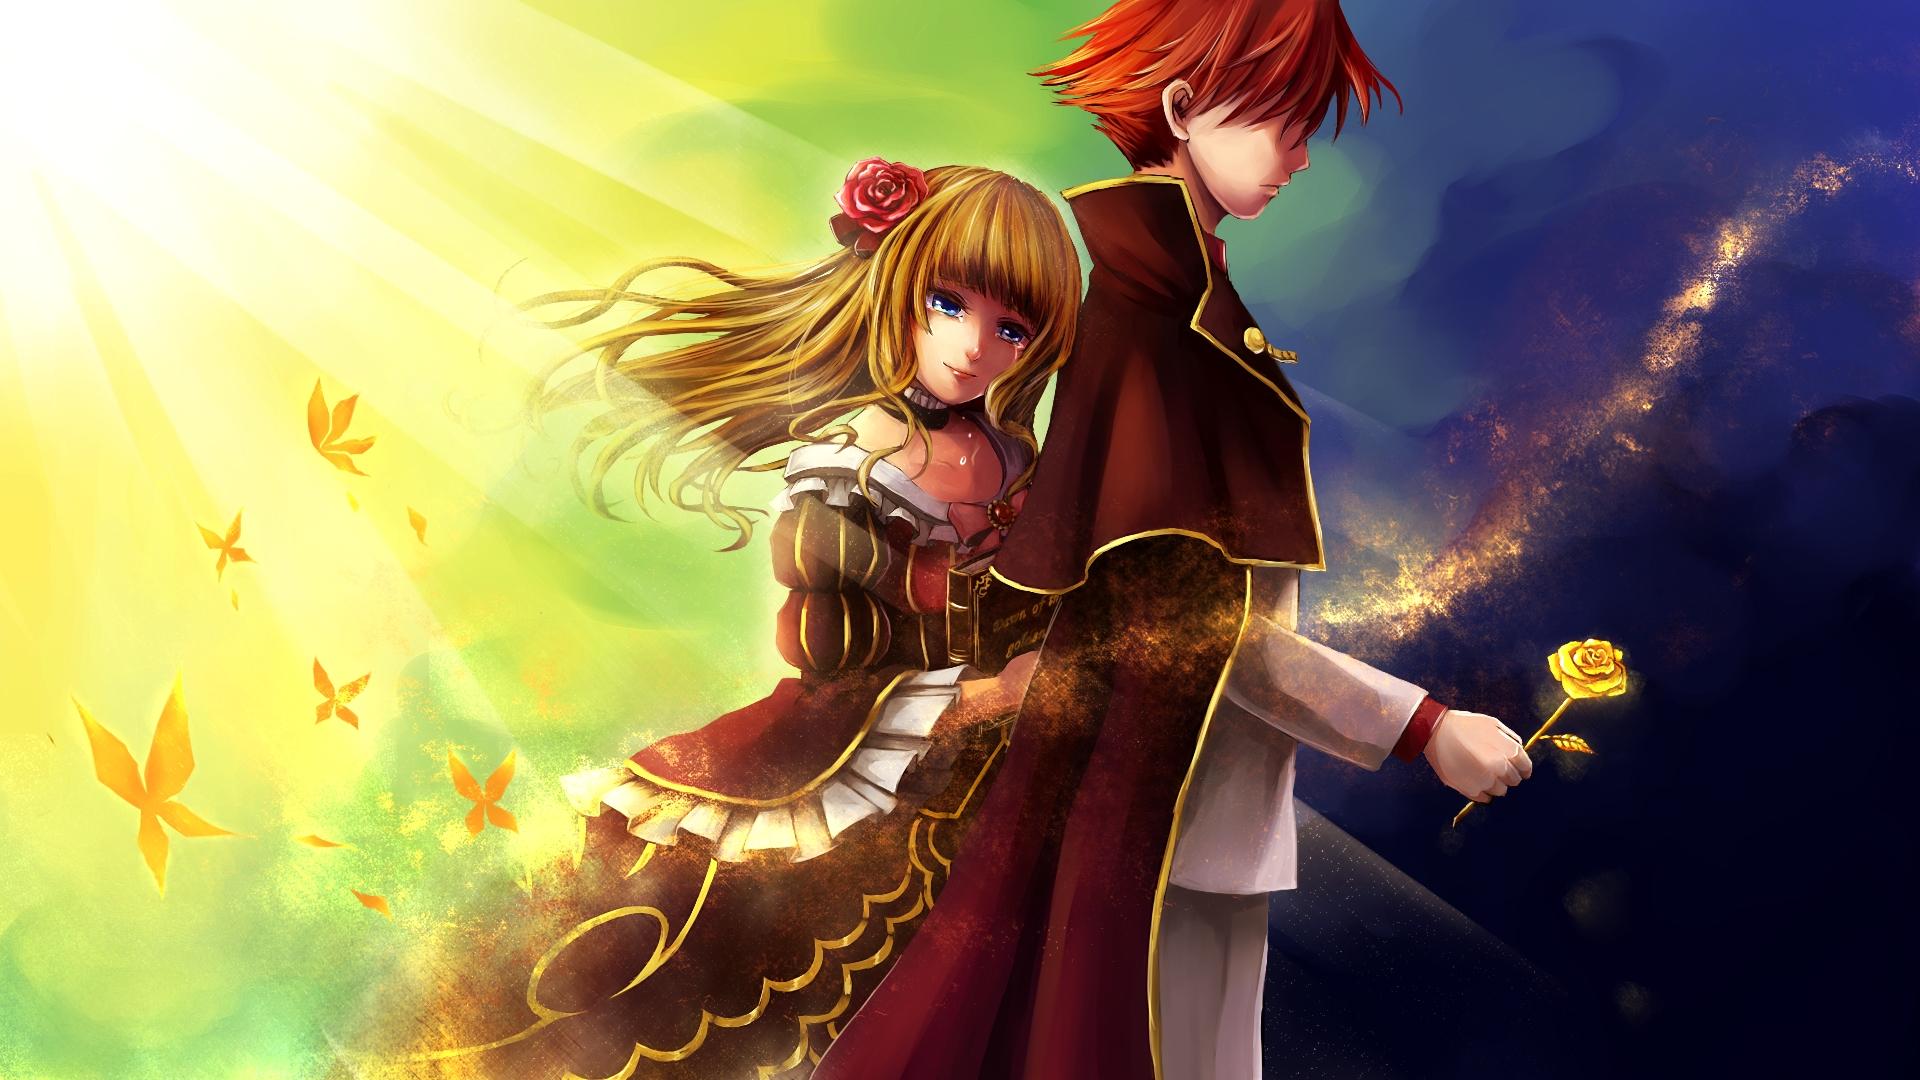 Ushiromiya Battler Hd Wallpaper Page 2 Zerochan Anime Image Board